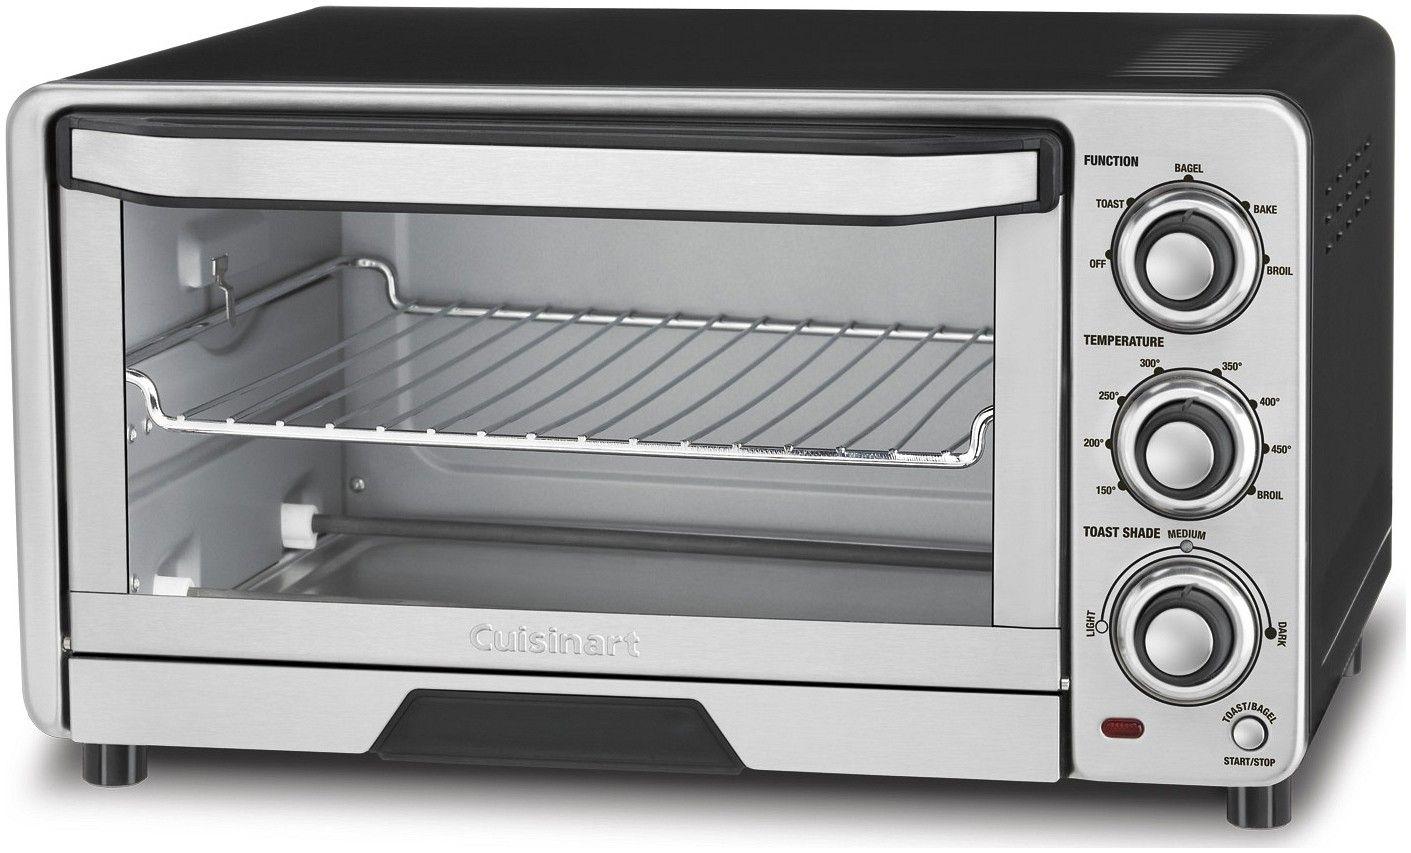 Cuisinart Toaster Oven Broiler Stainless Steel Cuisinart